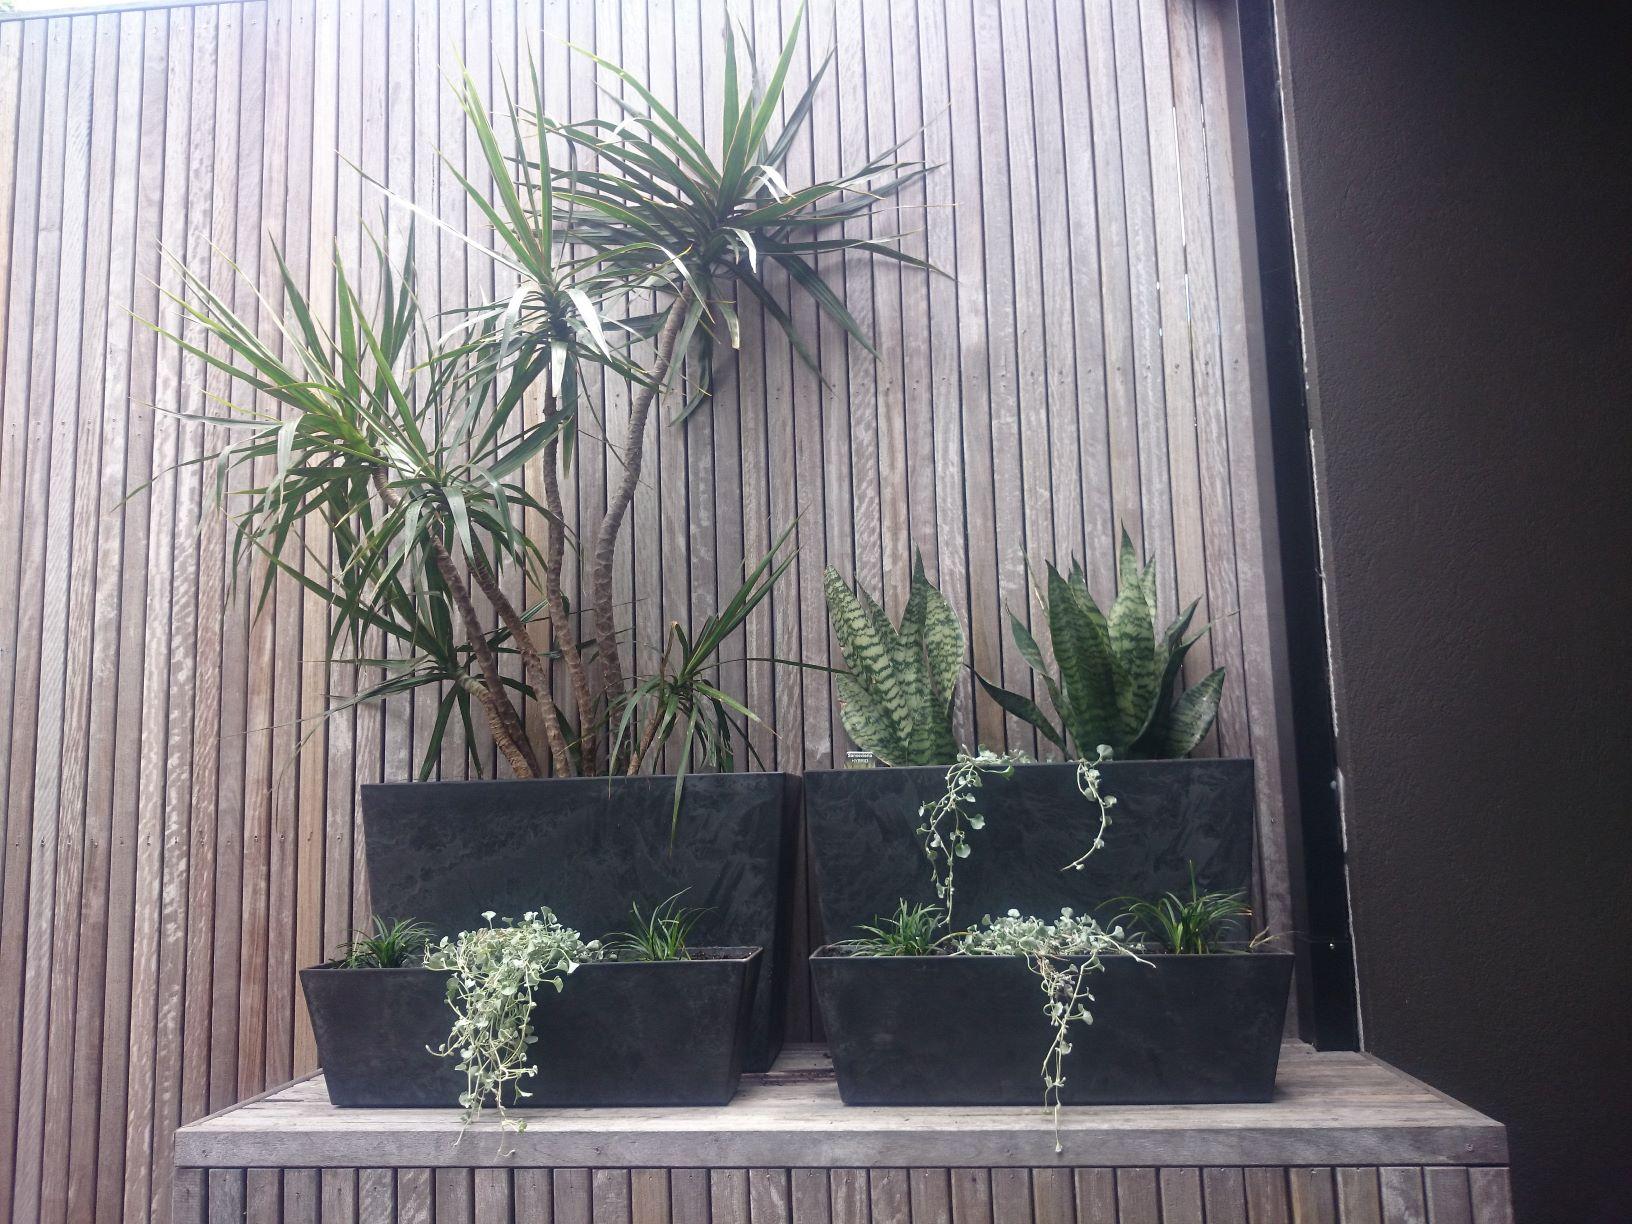 Rectangular pots, tough plants for pots, part shady plants for pots. Courtyard pots, roof top garden pots. space saving pots